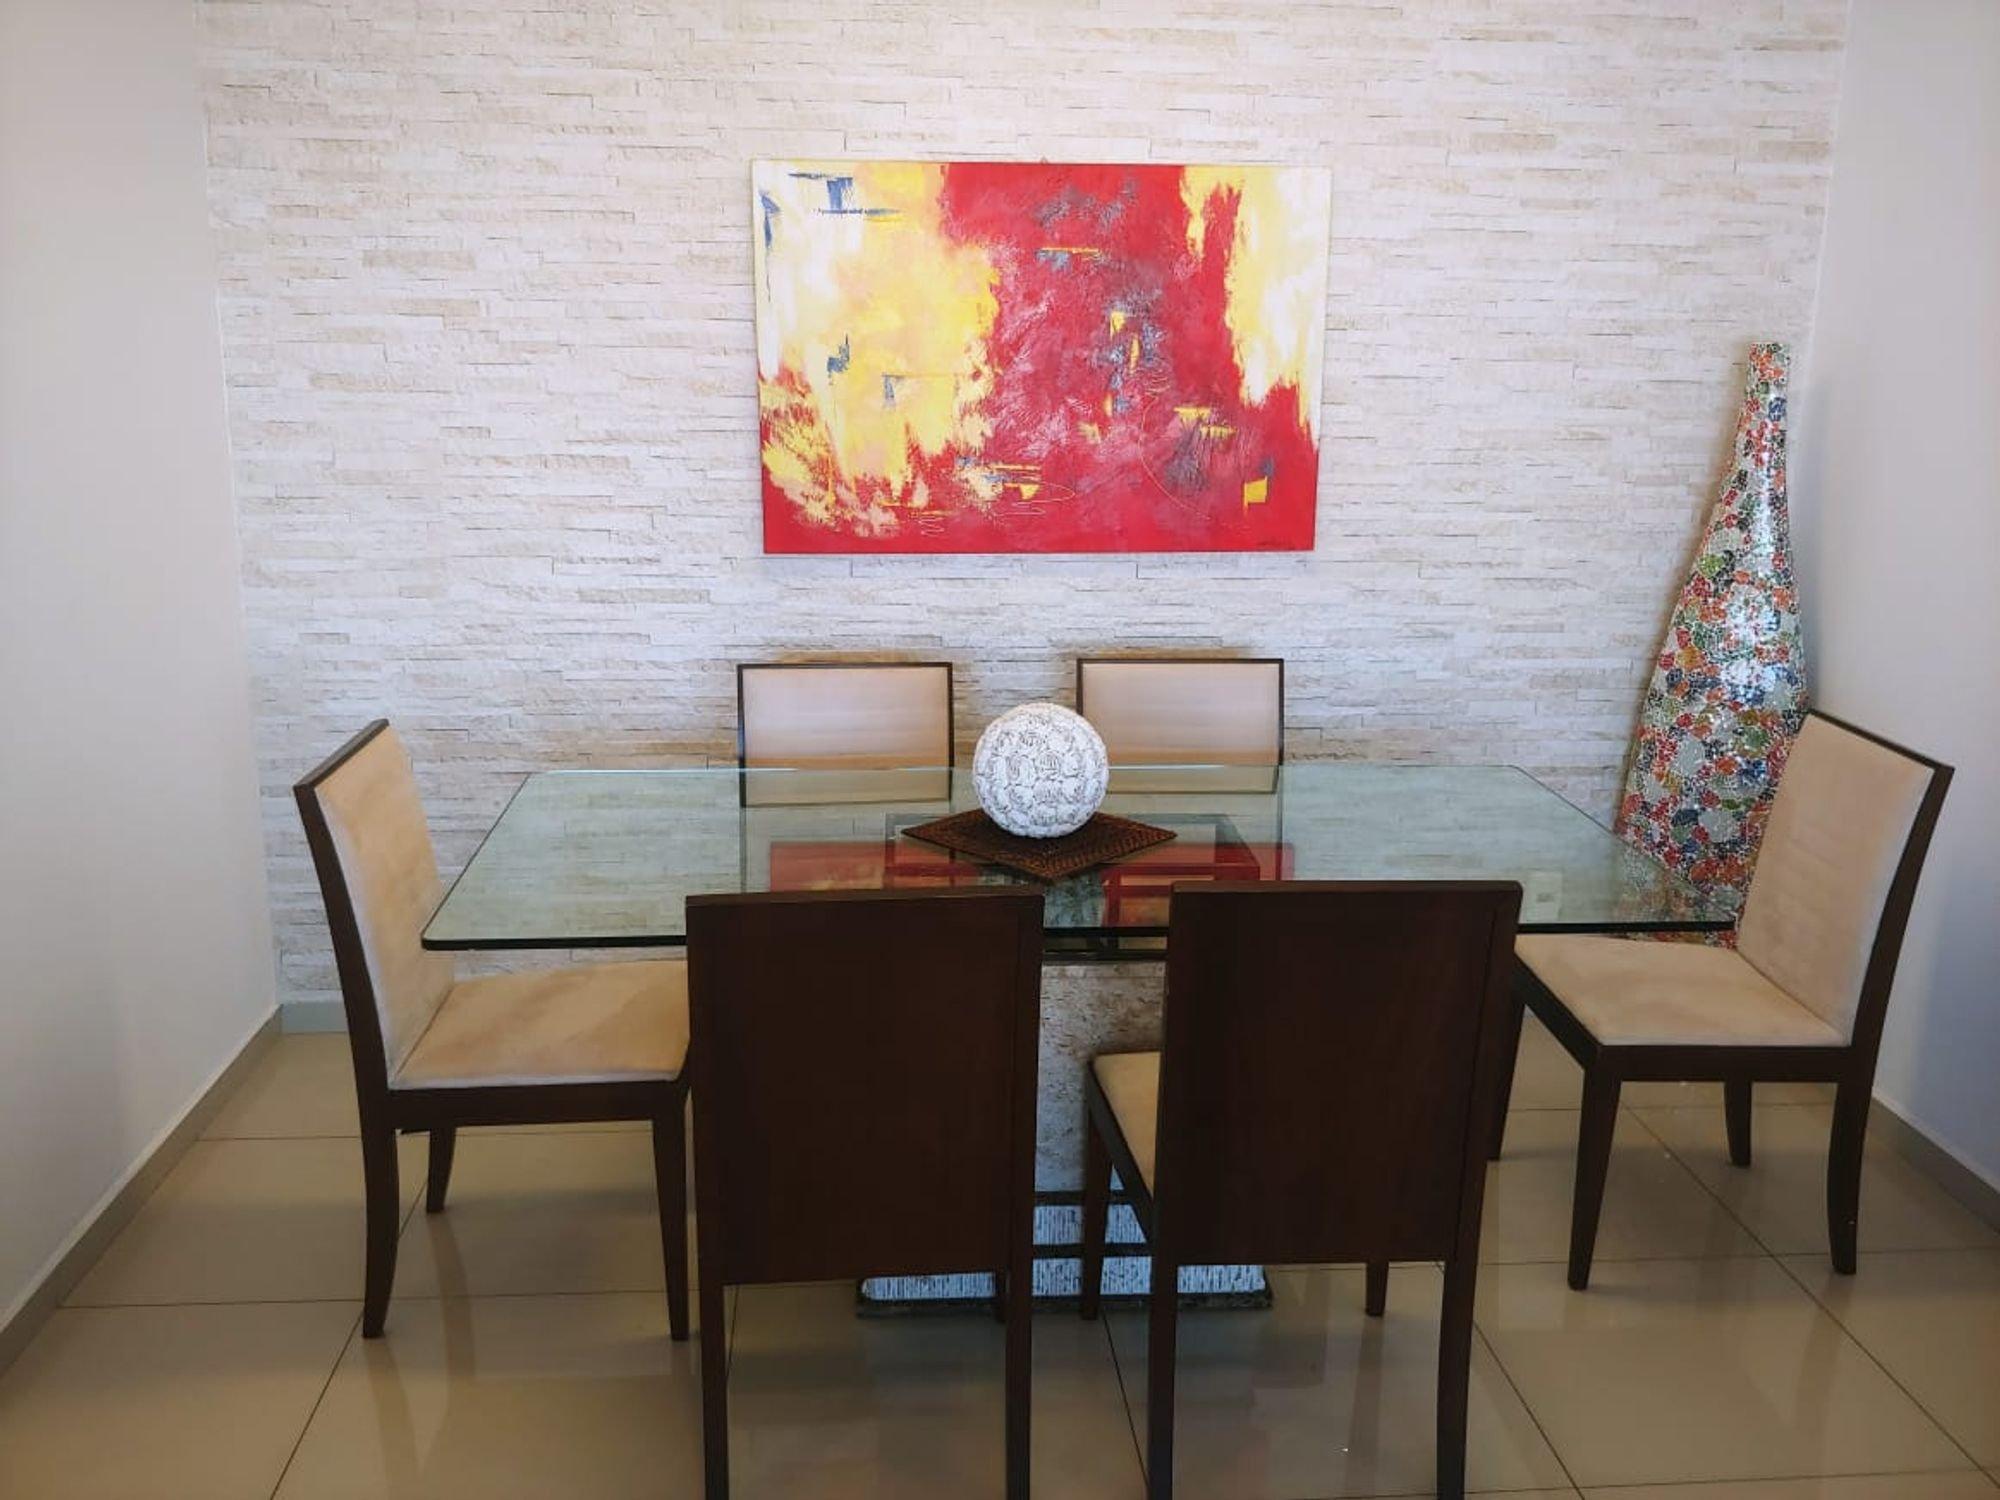 Foto de Sala com computador portátil, cadeira